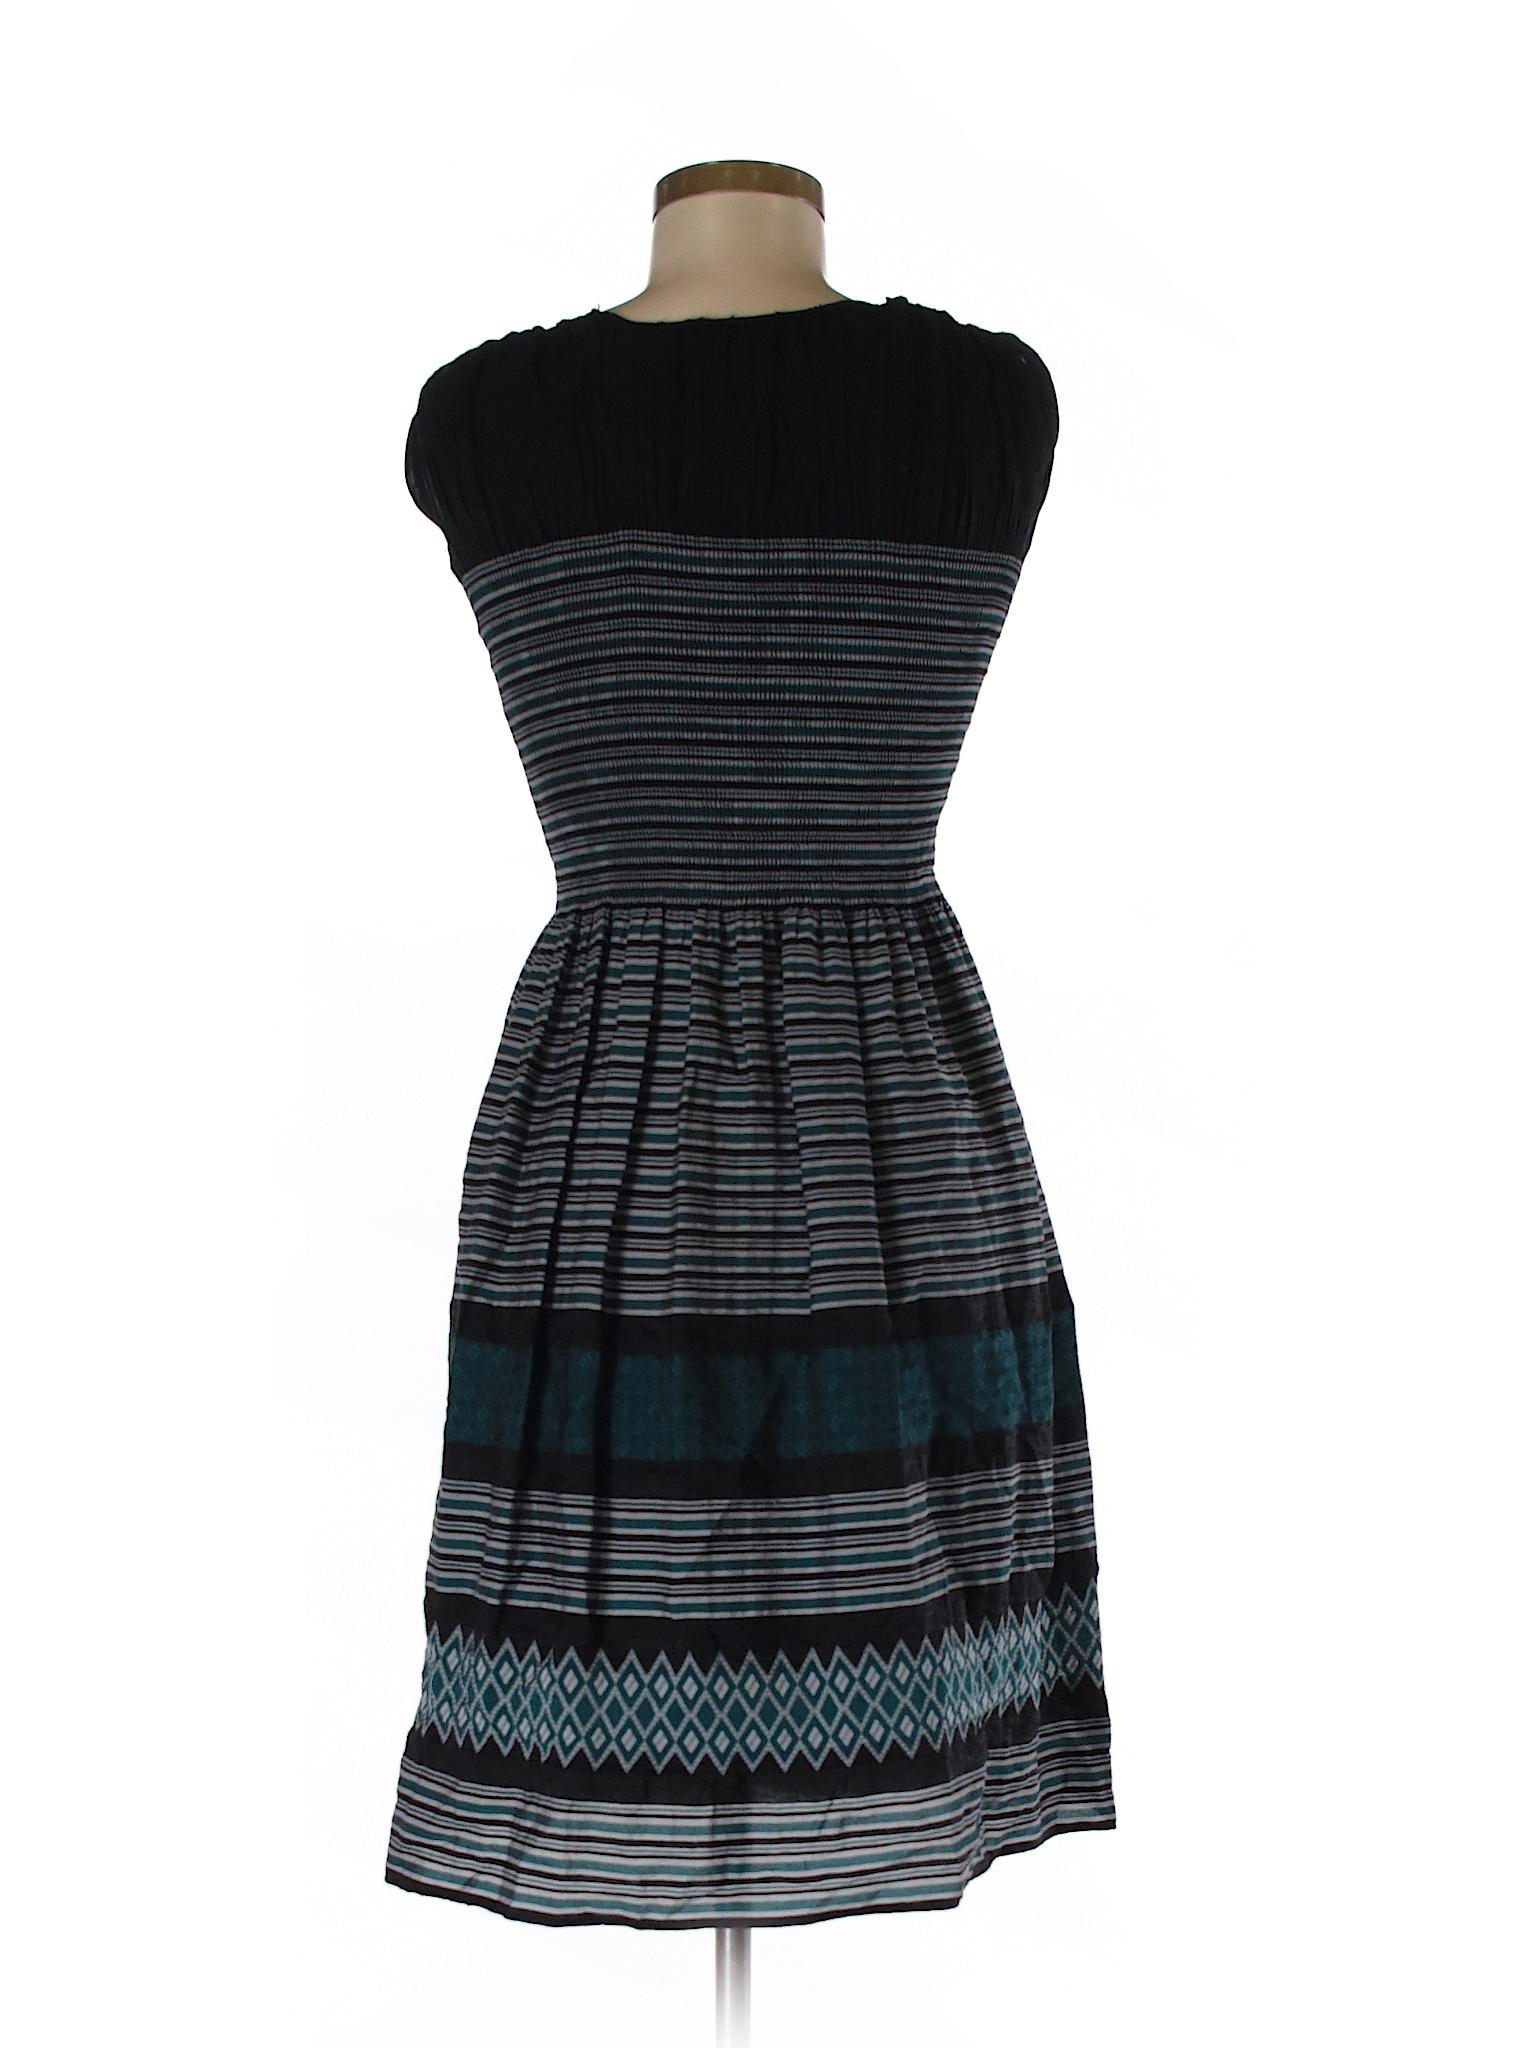 Studio winter Boutique Casual Max Dress nwPY4ES4q